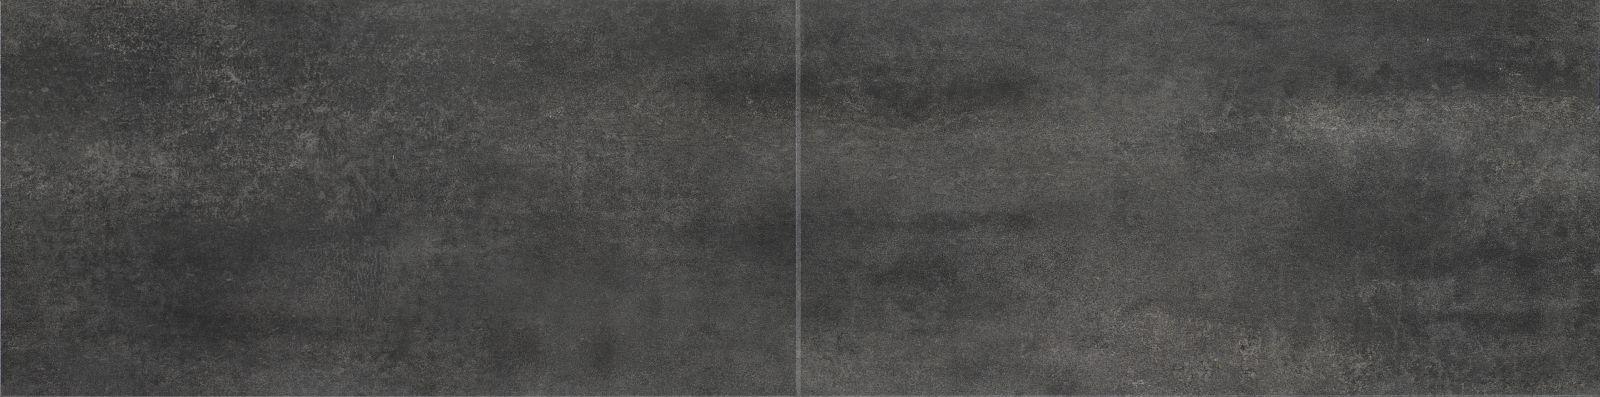 Faus baldosas xido gris suelos laminados tarimas for Textura baldosa